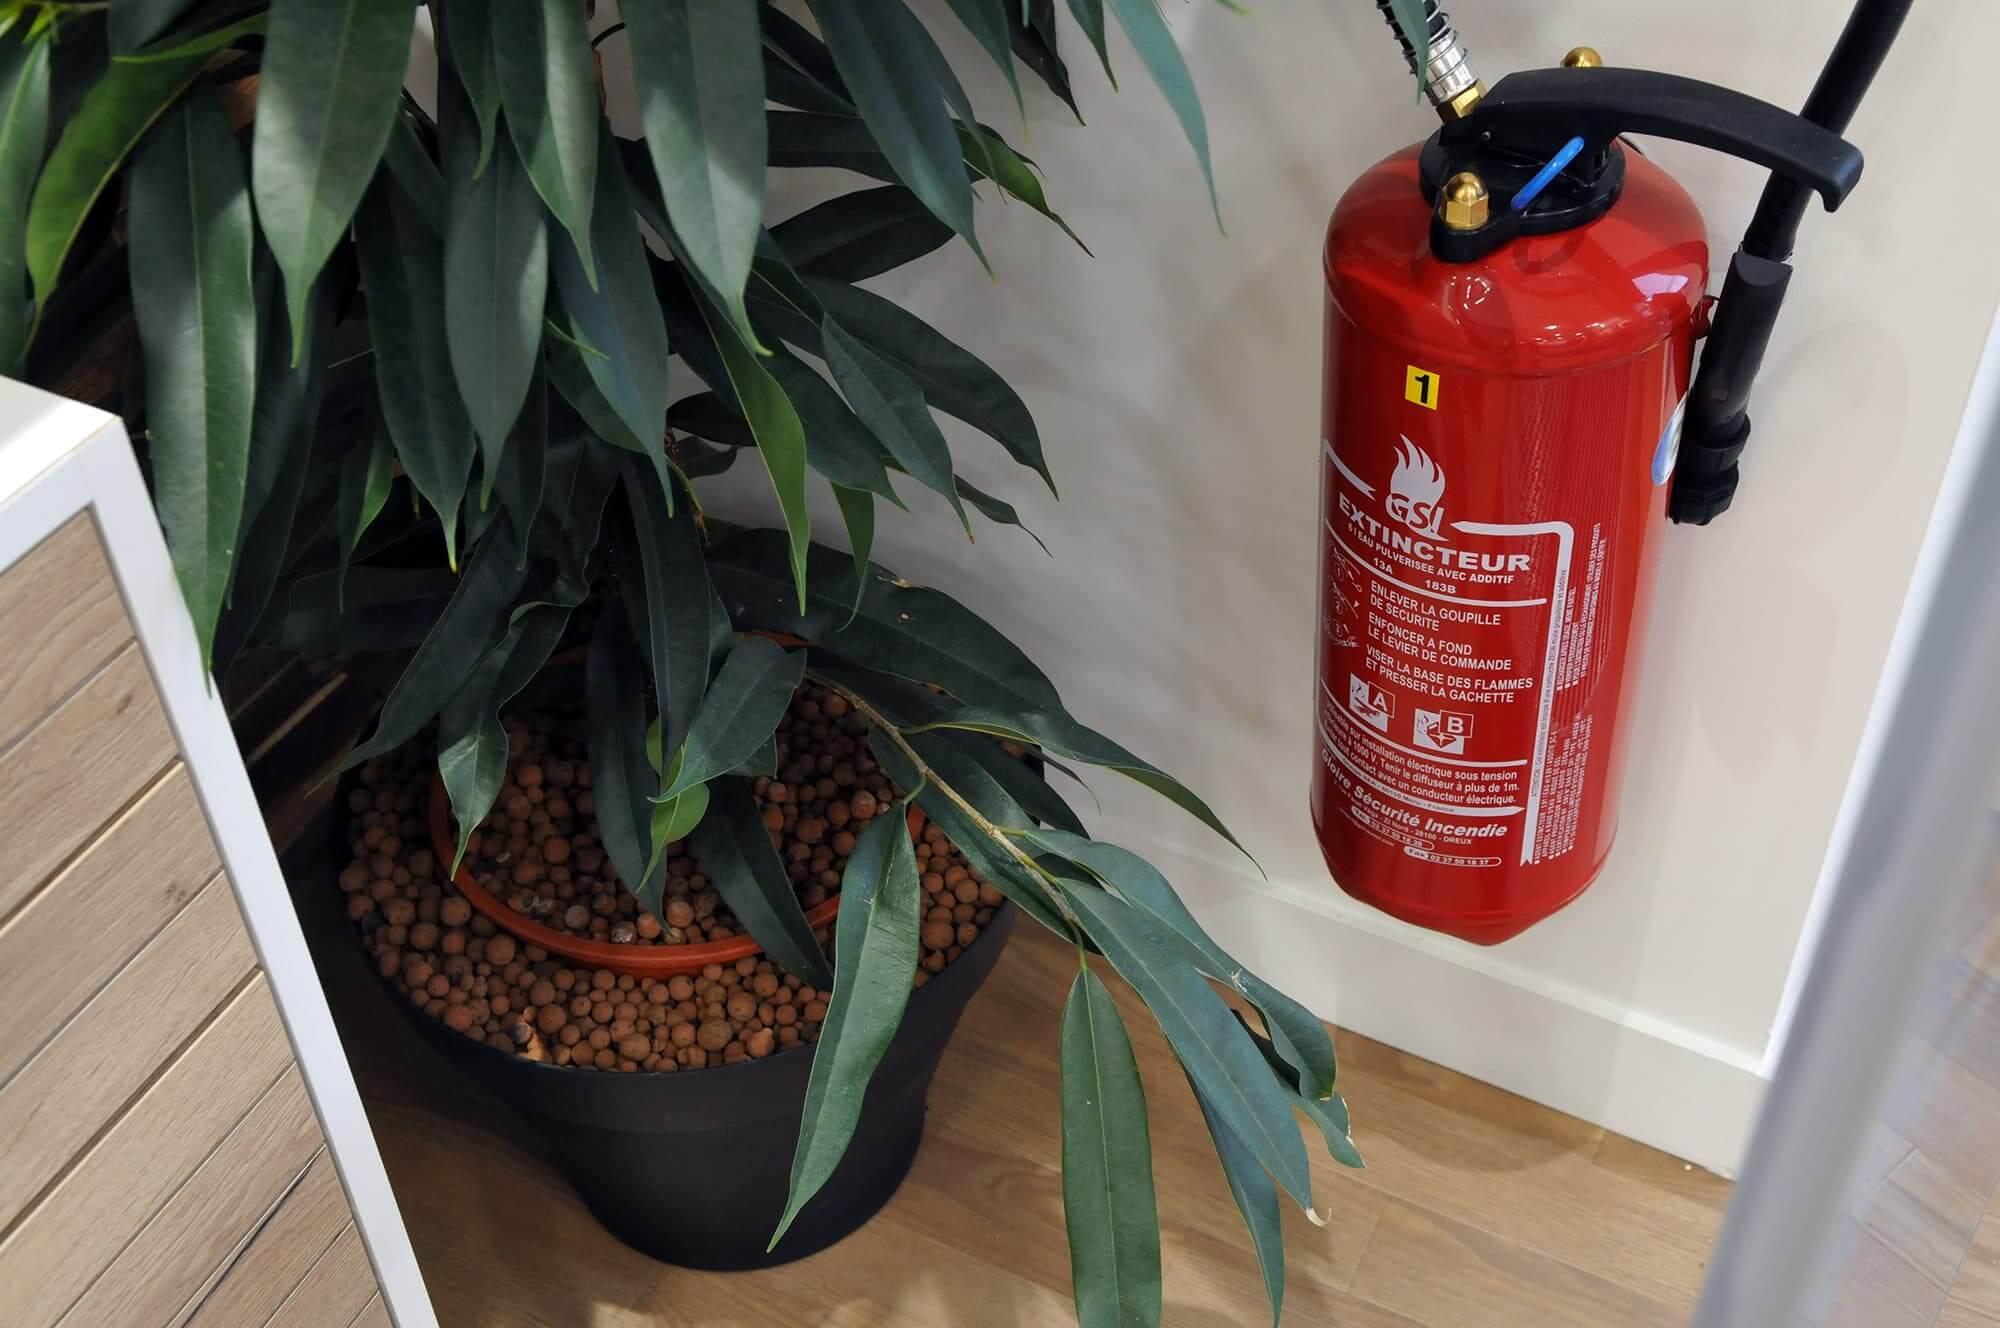 Extincteur - sécurité incendie - entreprise - sécurité